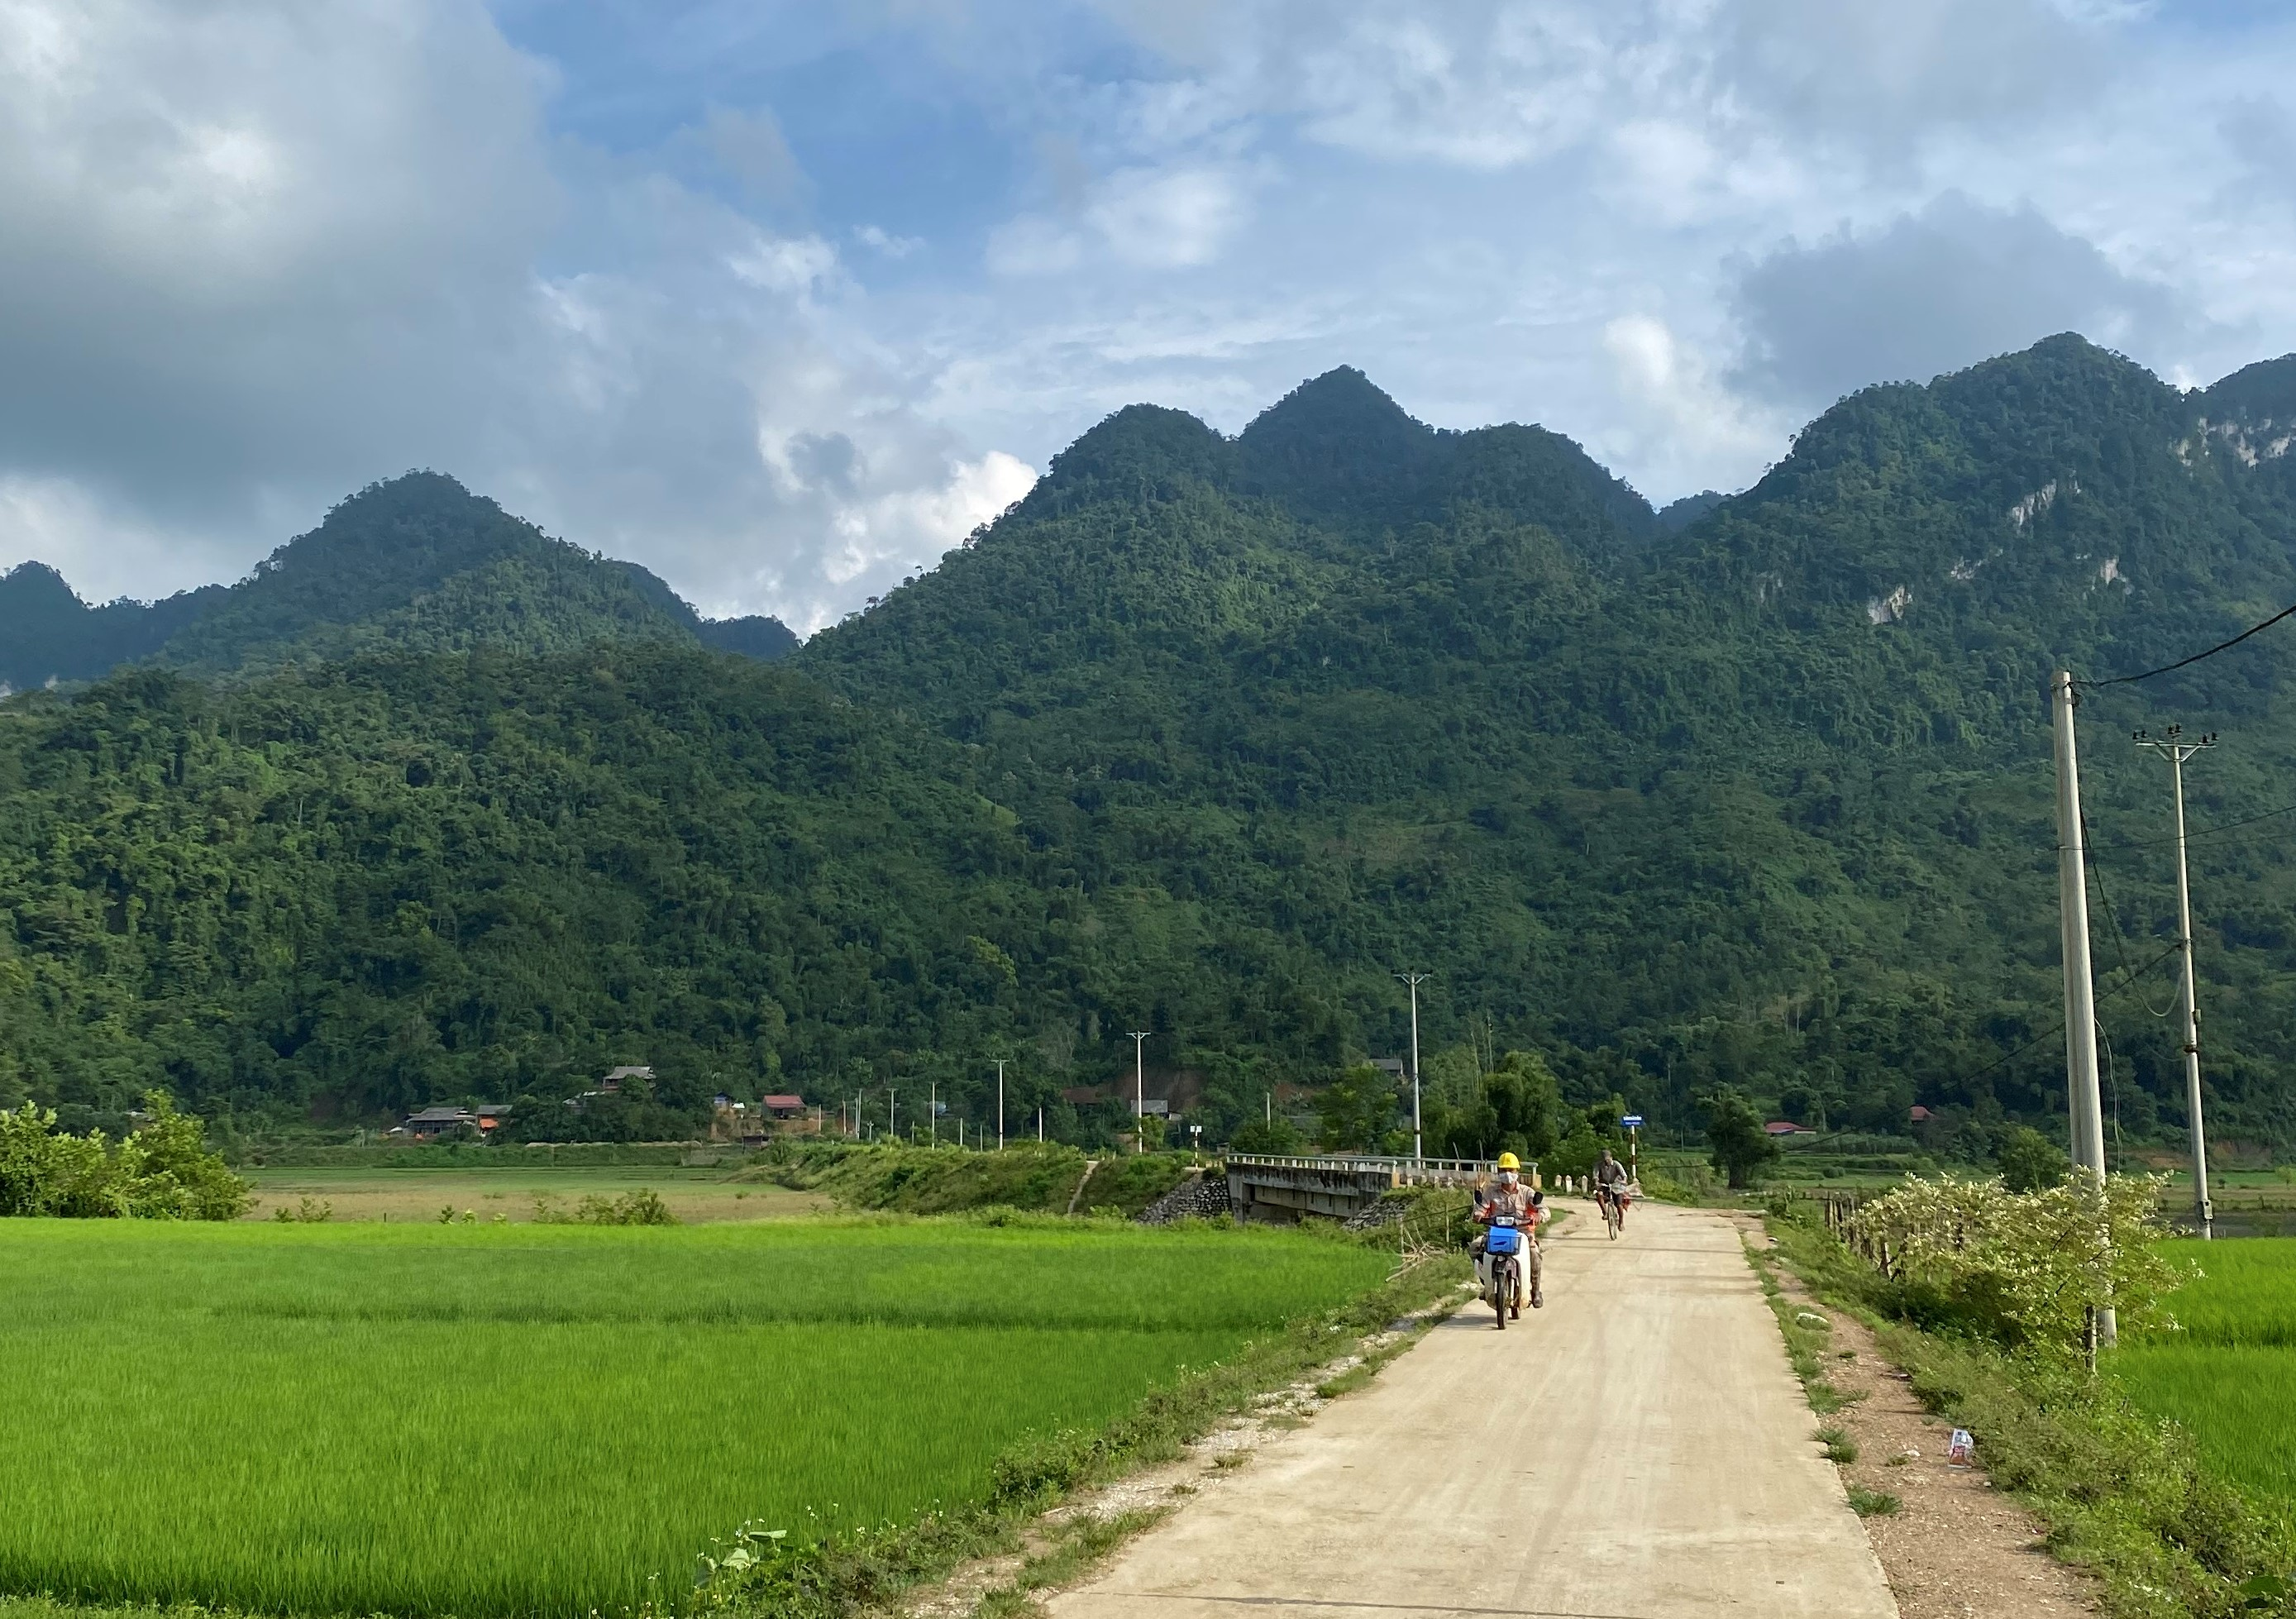 Diện mạo nông thôn, miền núi tỉnh Bắc Kạn có nhiều thay đổi từ những công trình hạ tầng được xây dựng từ nguồn vốn 135.